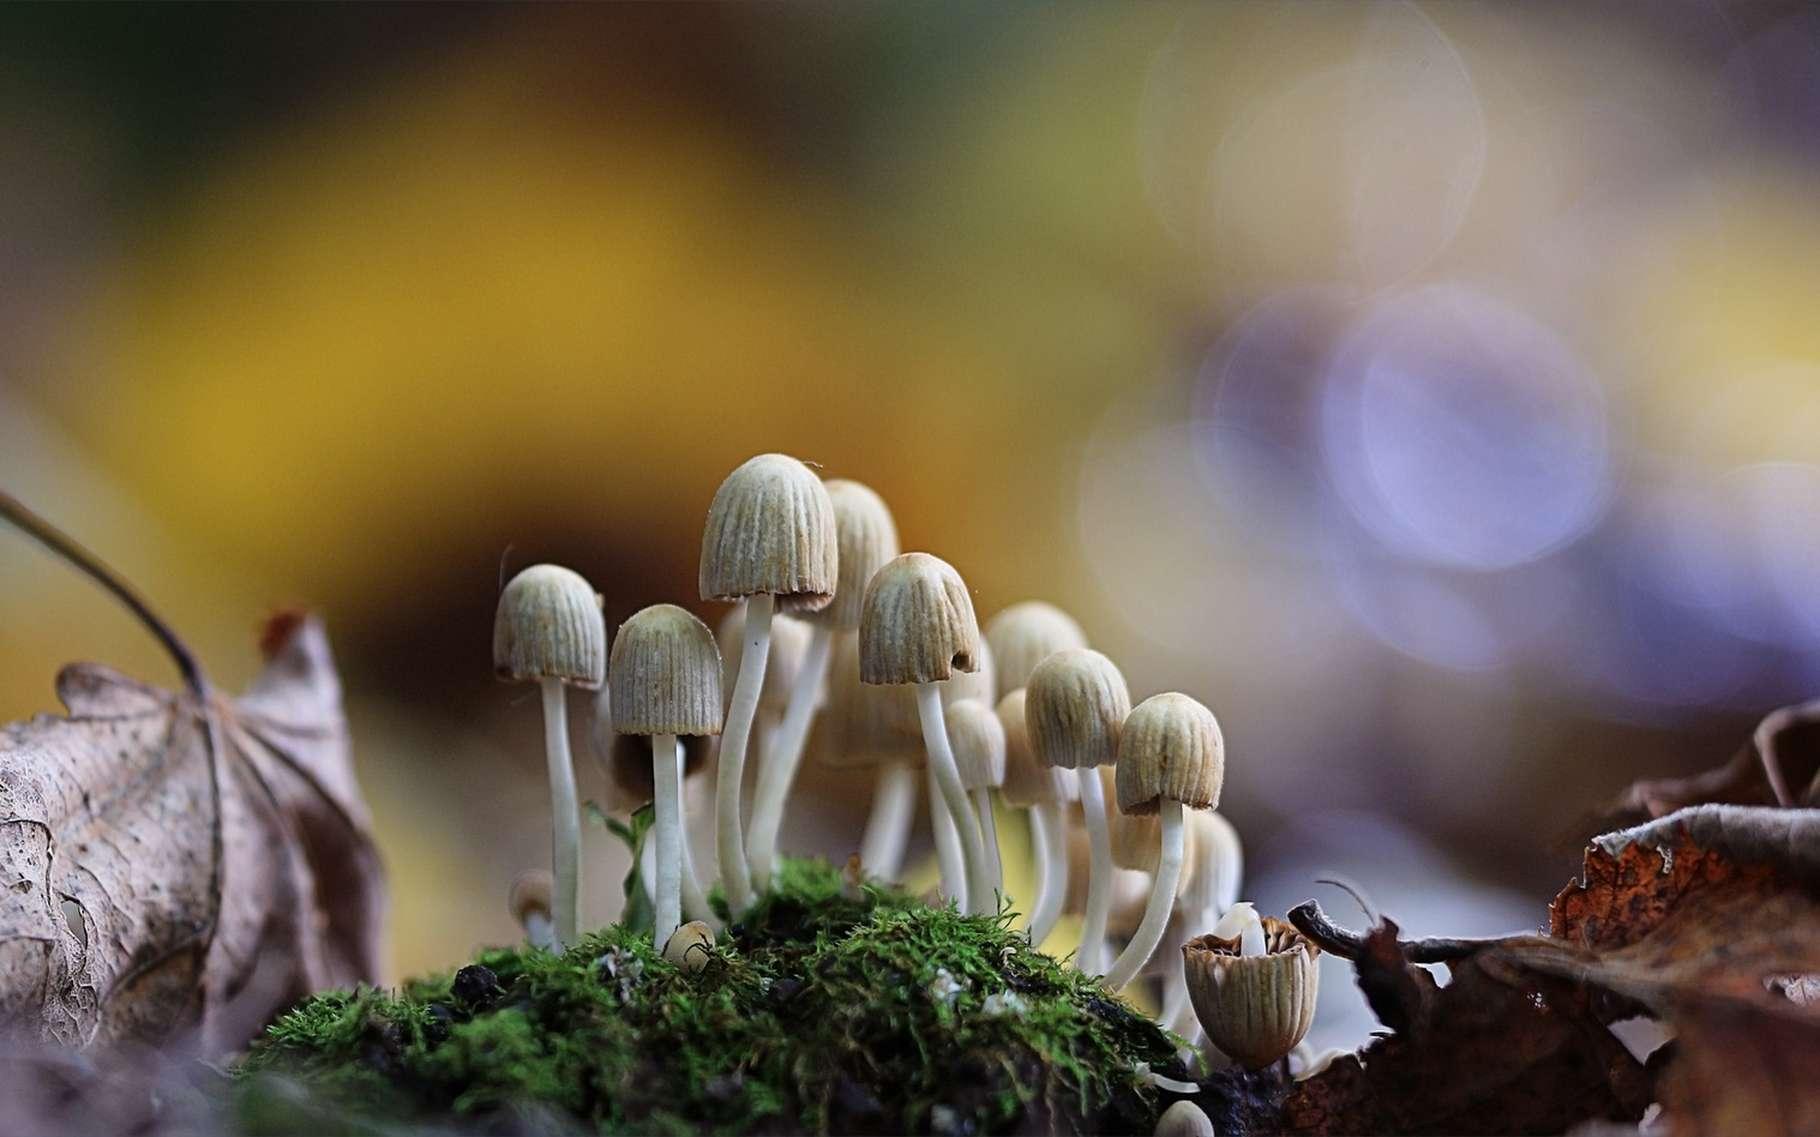 Les champignons hallucinogènes sont interdits en France, mais leurs principes actifs intéressent de plus en plus la recherche médicale. © Kichigin, Shutterstock